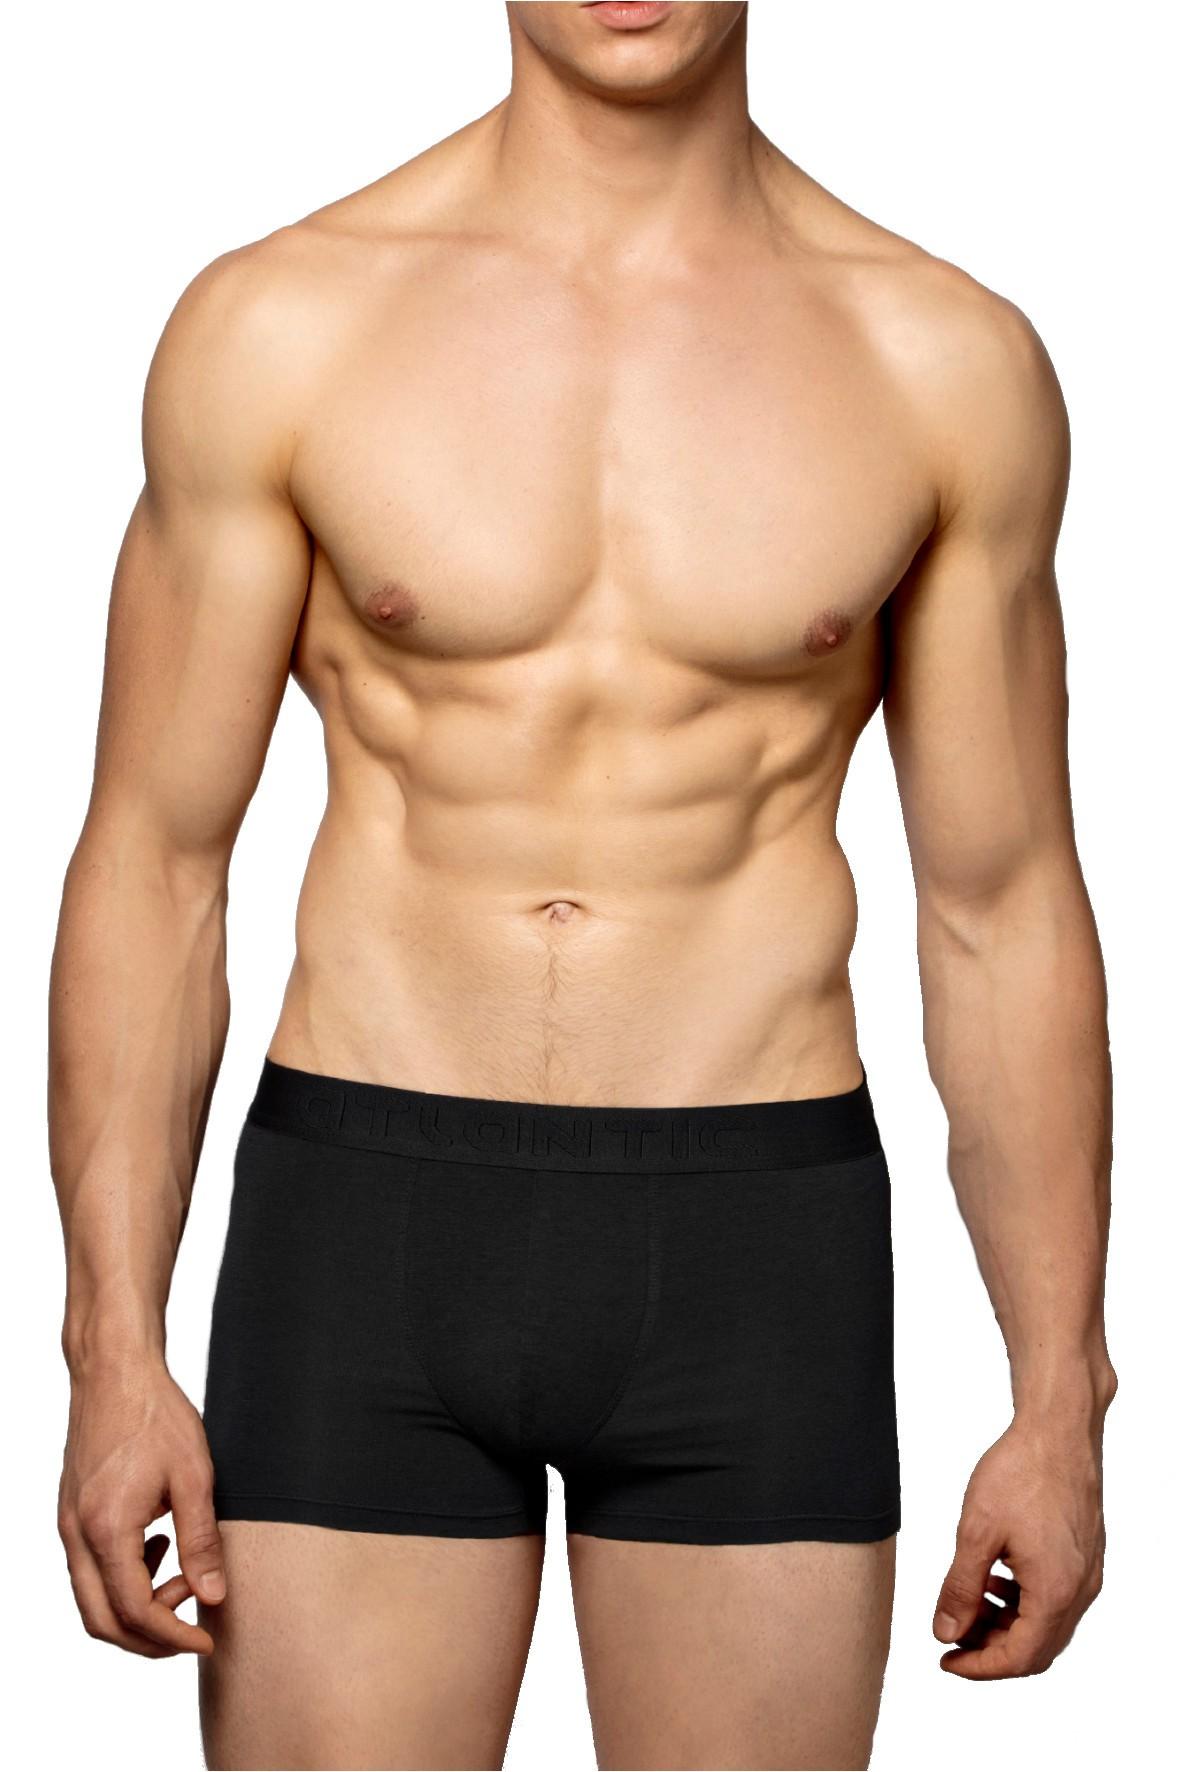 Przylegające do ciała bokserki męskie Atlantic- czarne